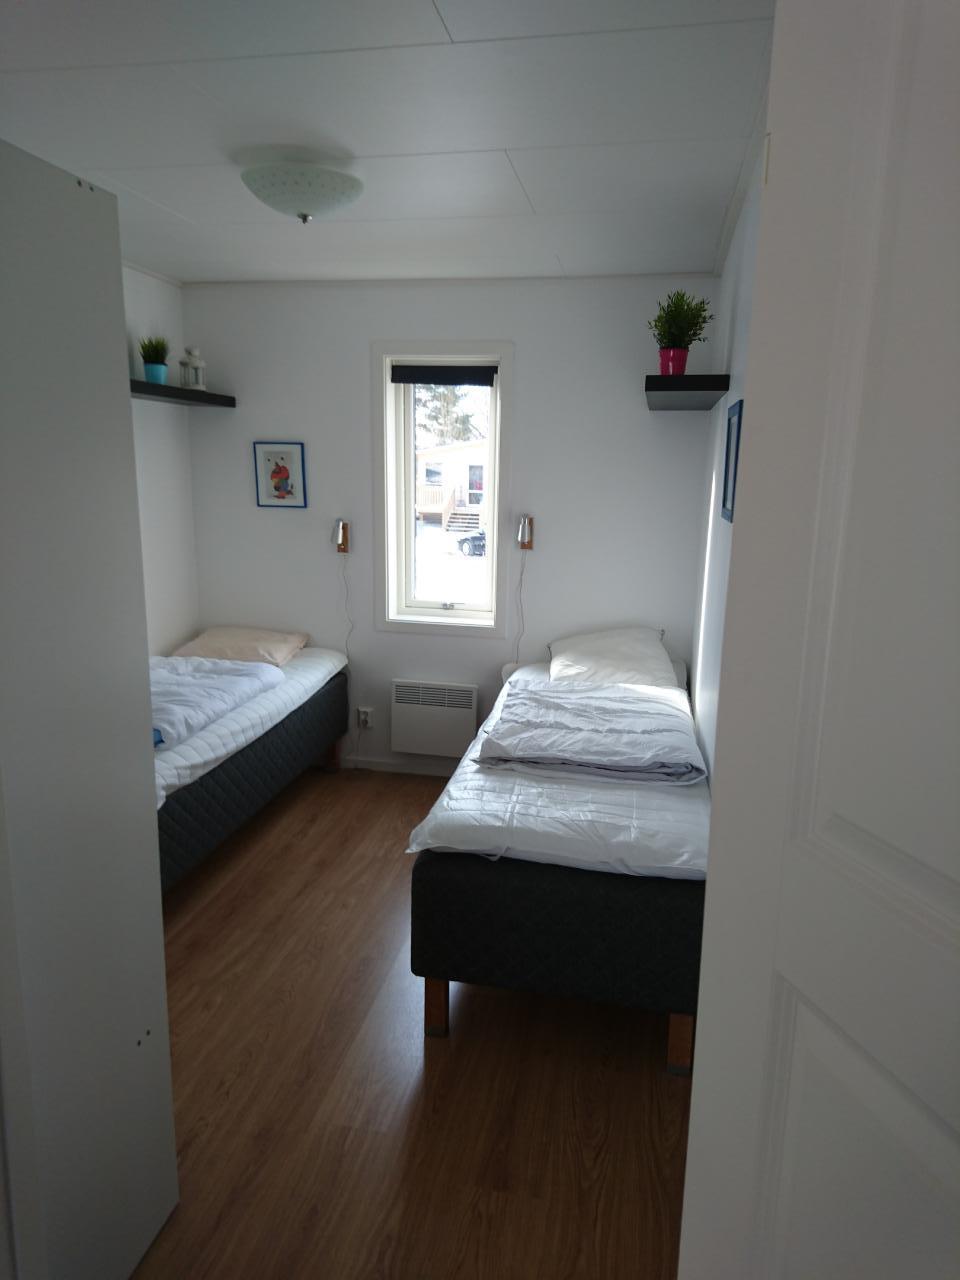 Ferienhaus Haus am Dalslandkanal/ See Laxsjön (2549266), Dals Långed, Västra Götaland län, Westschweden, Schweden, Bild 8